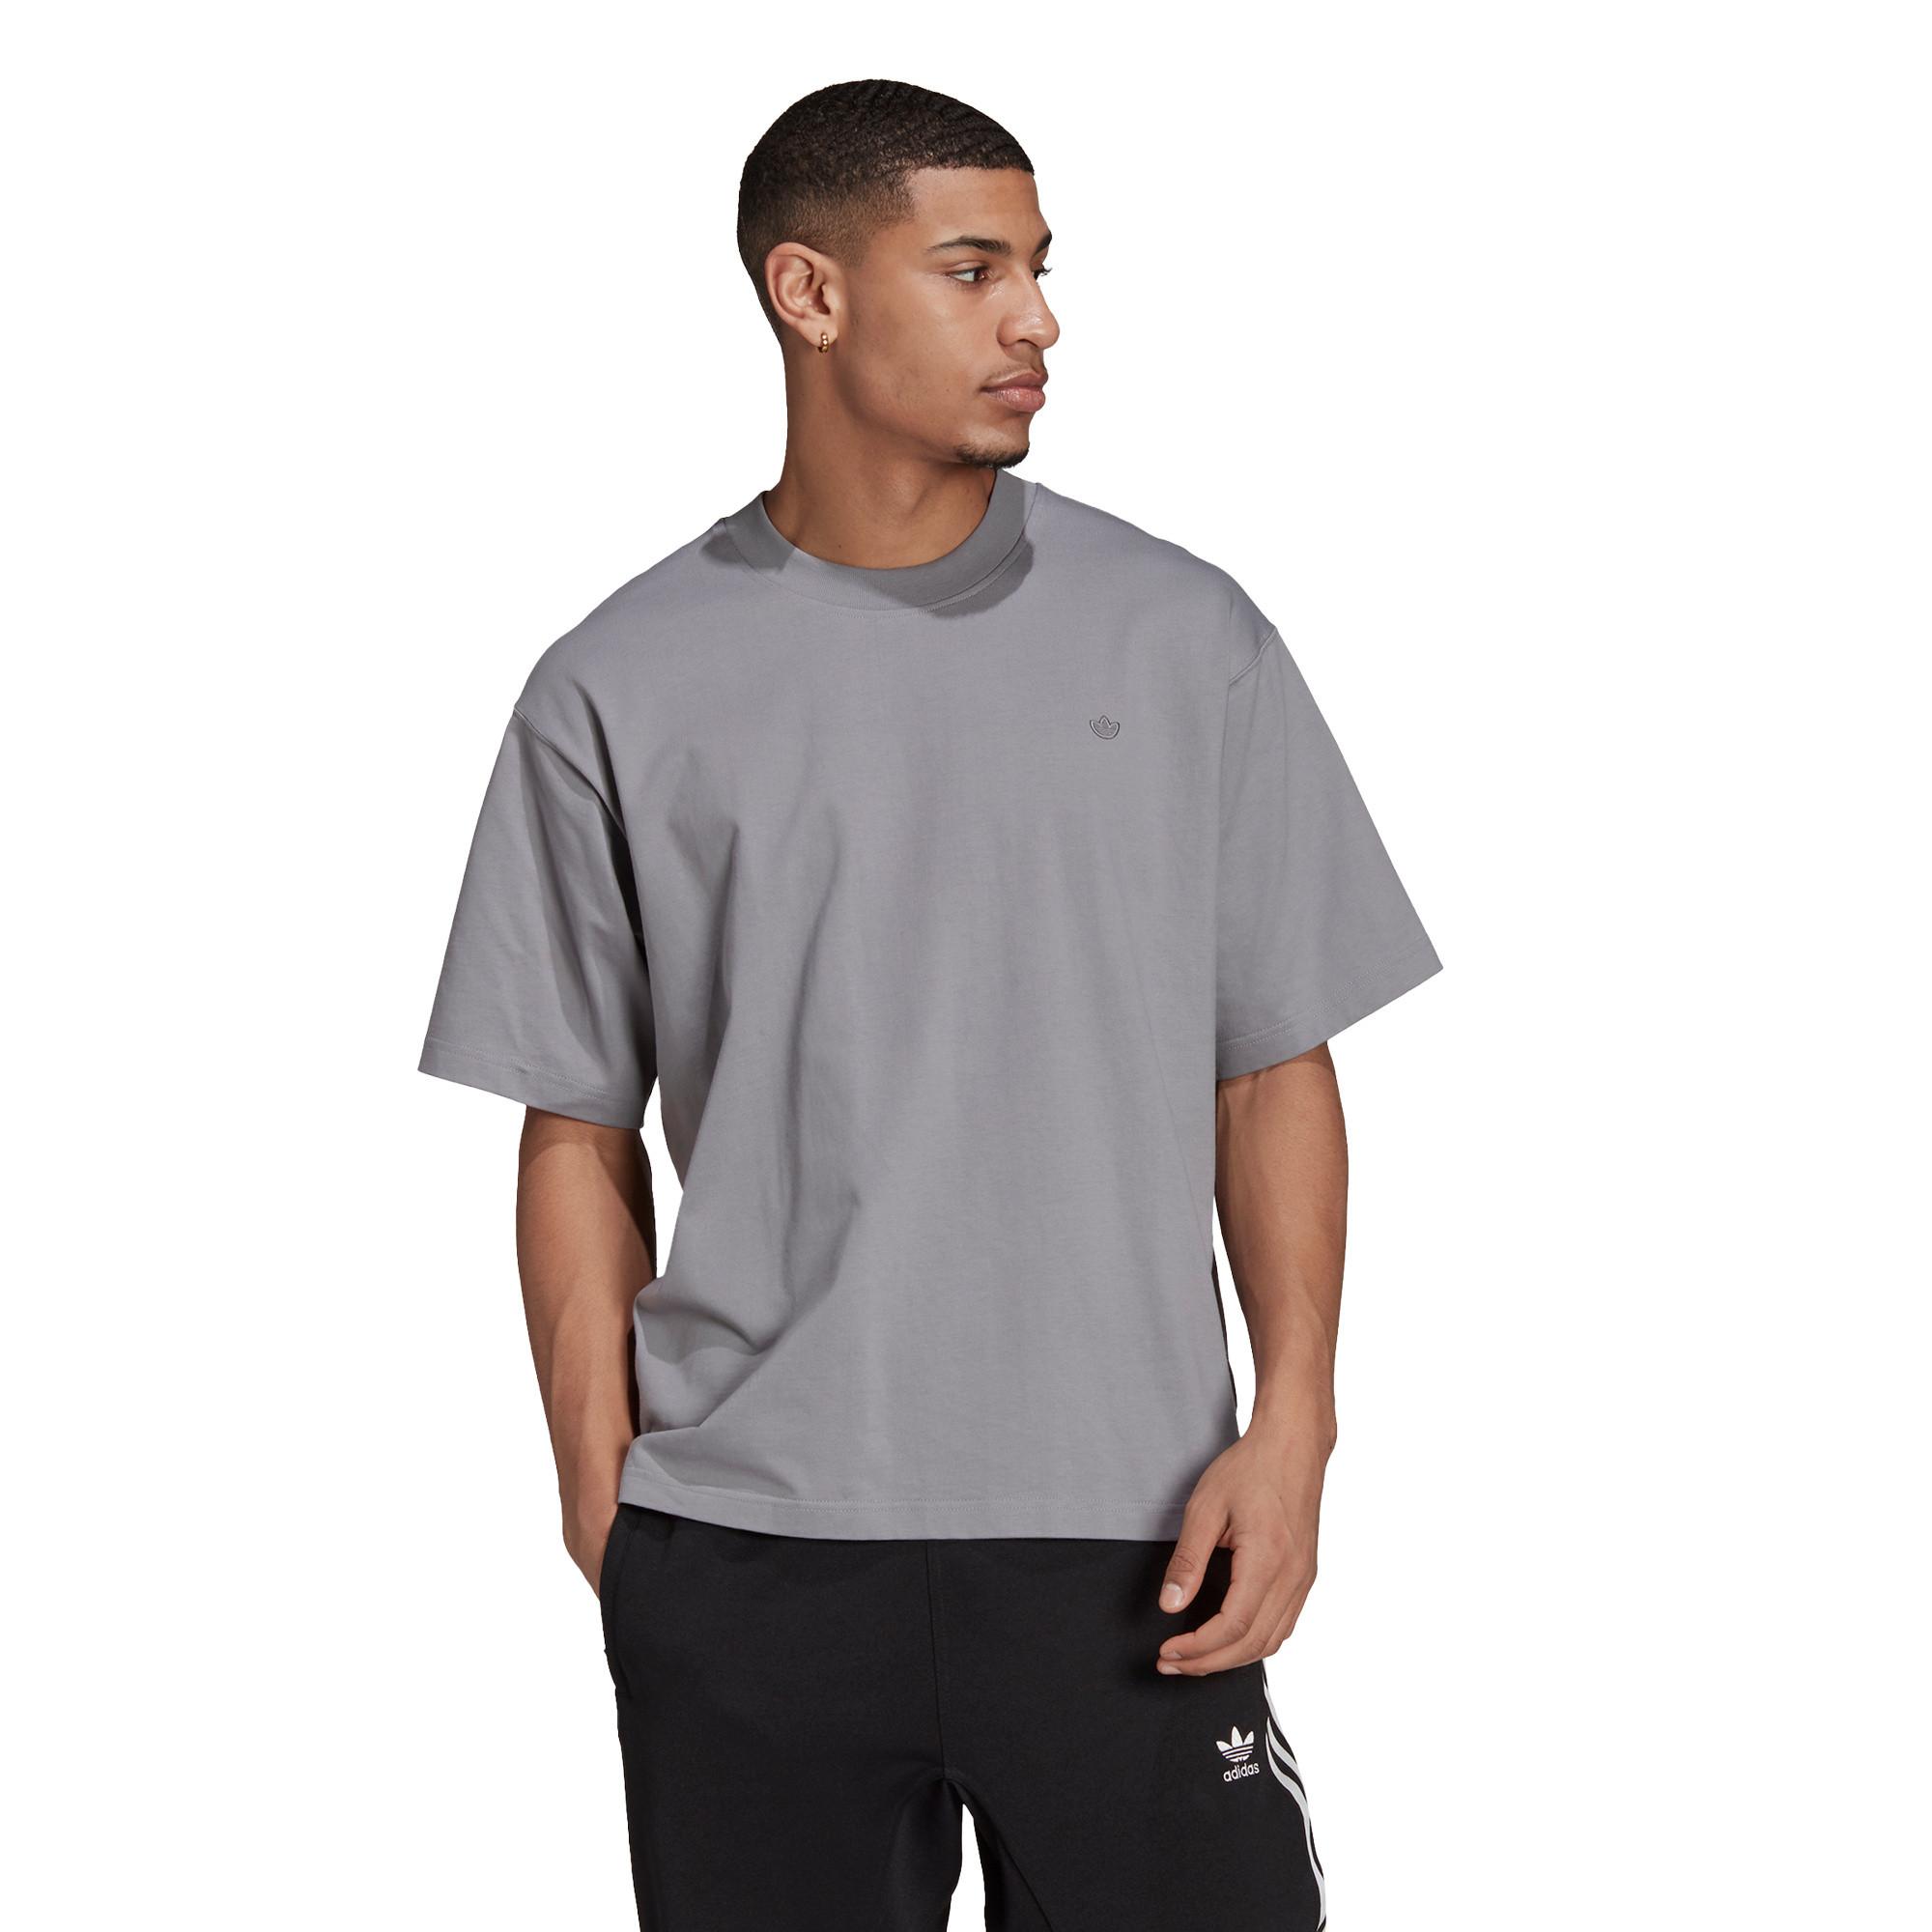 T-shirt uomo adicolor Trefoil, Grigio, large image number 2